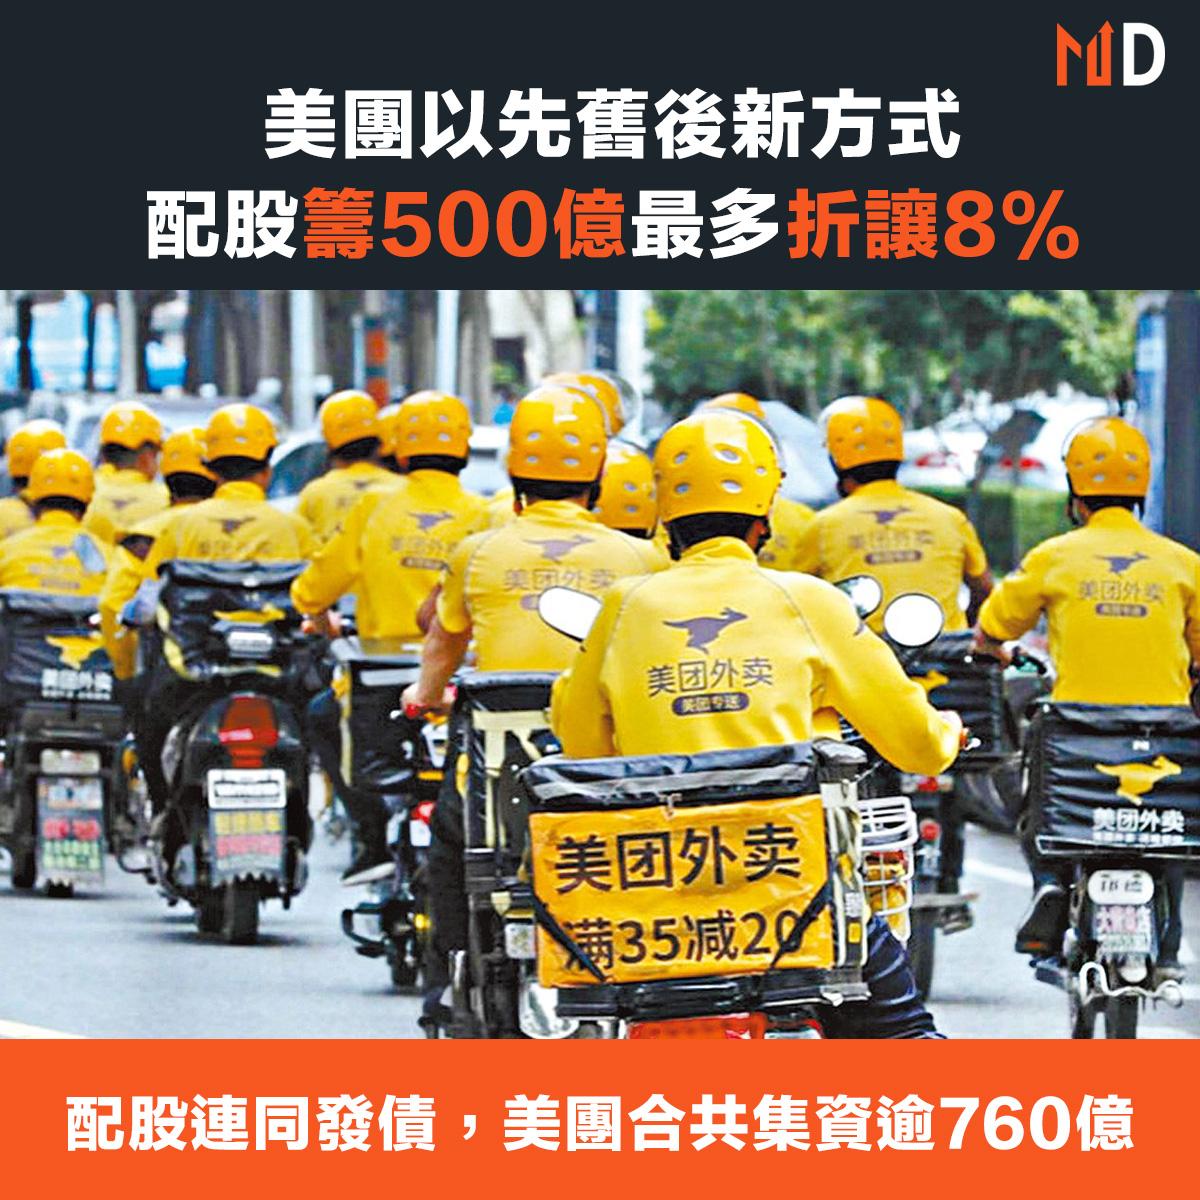 【市場熱話】騰訊借股份予美團作先舊後新配股,最多折讓8.4%集資最多512億元